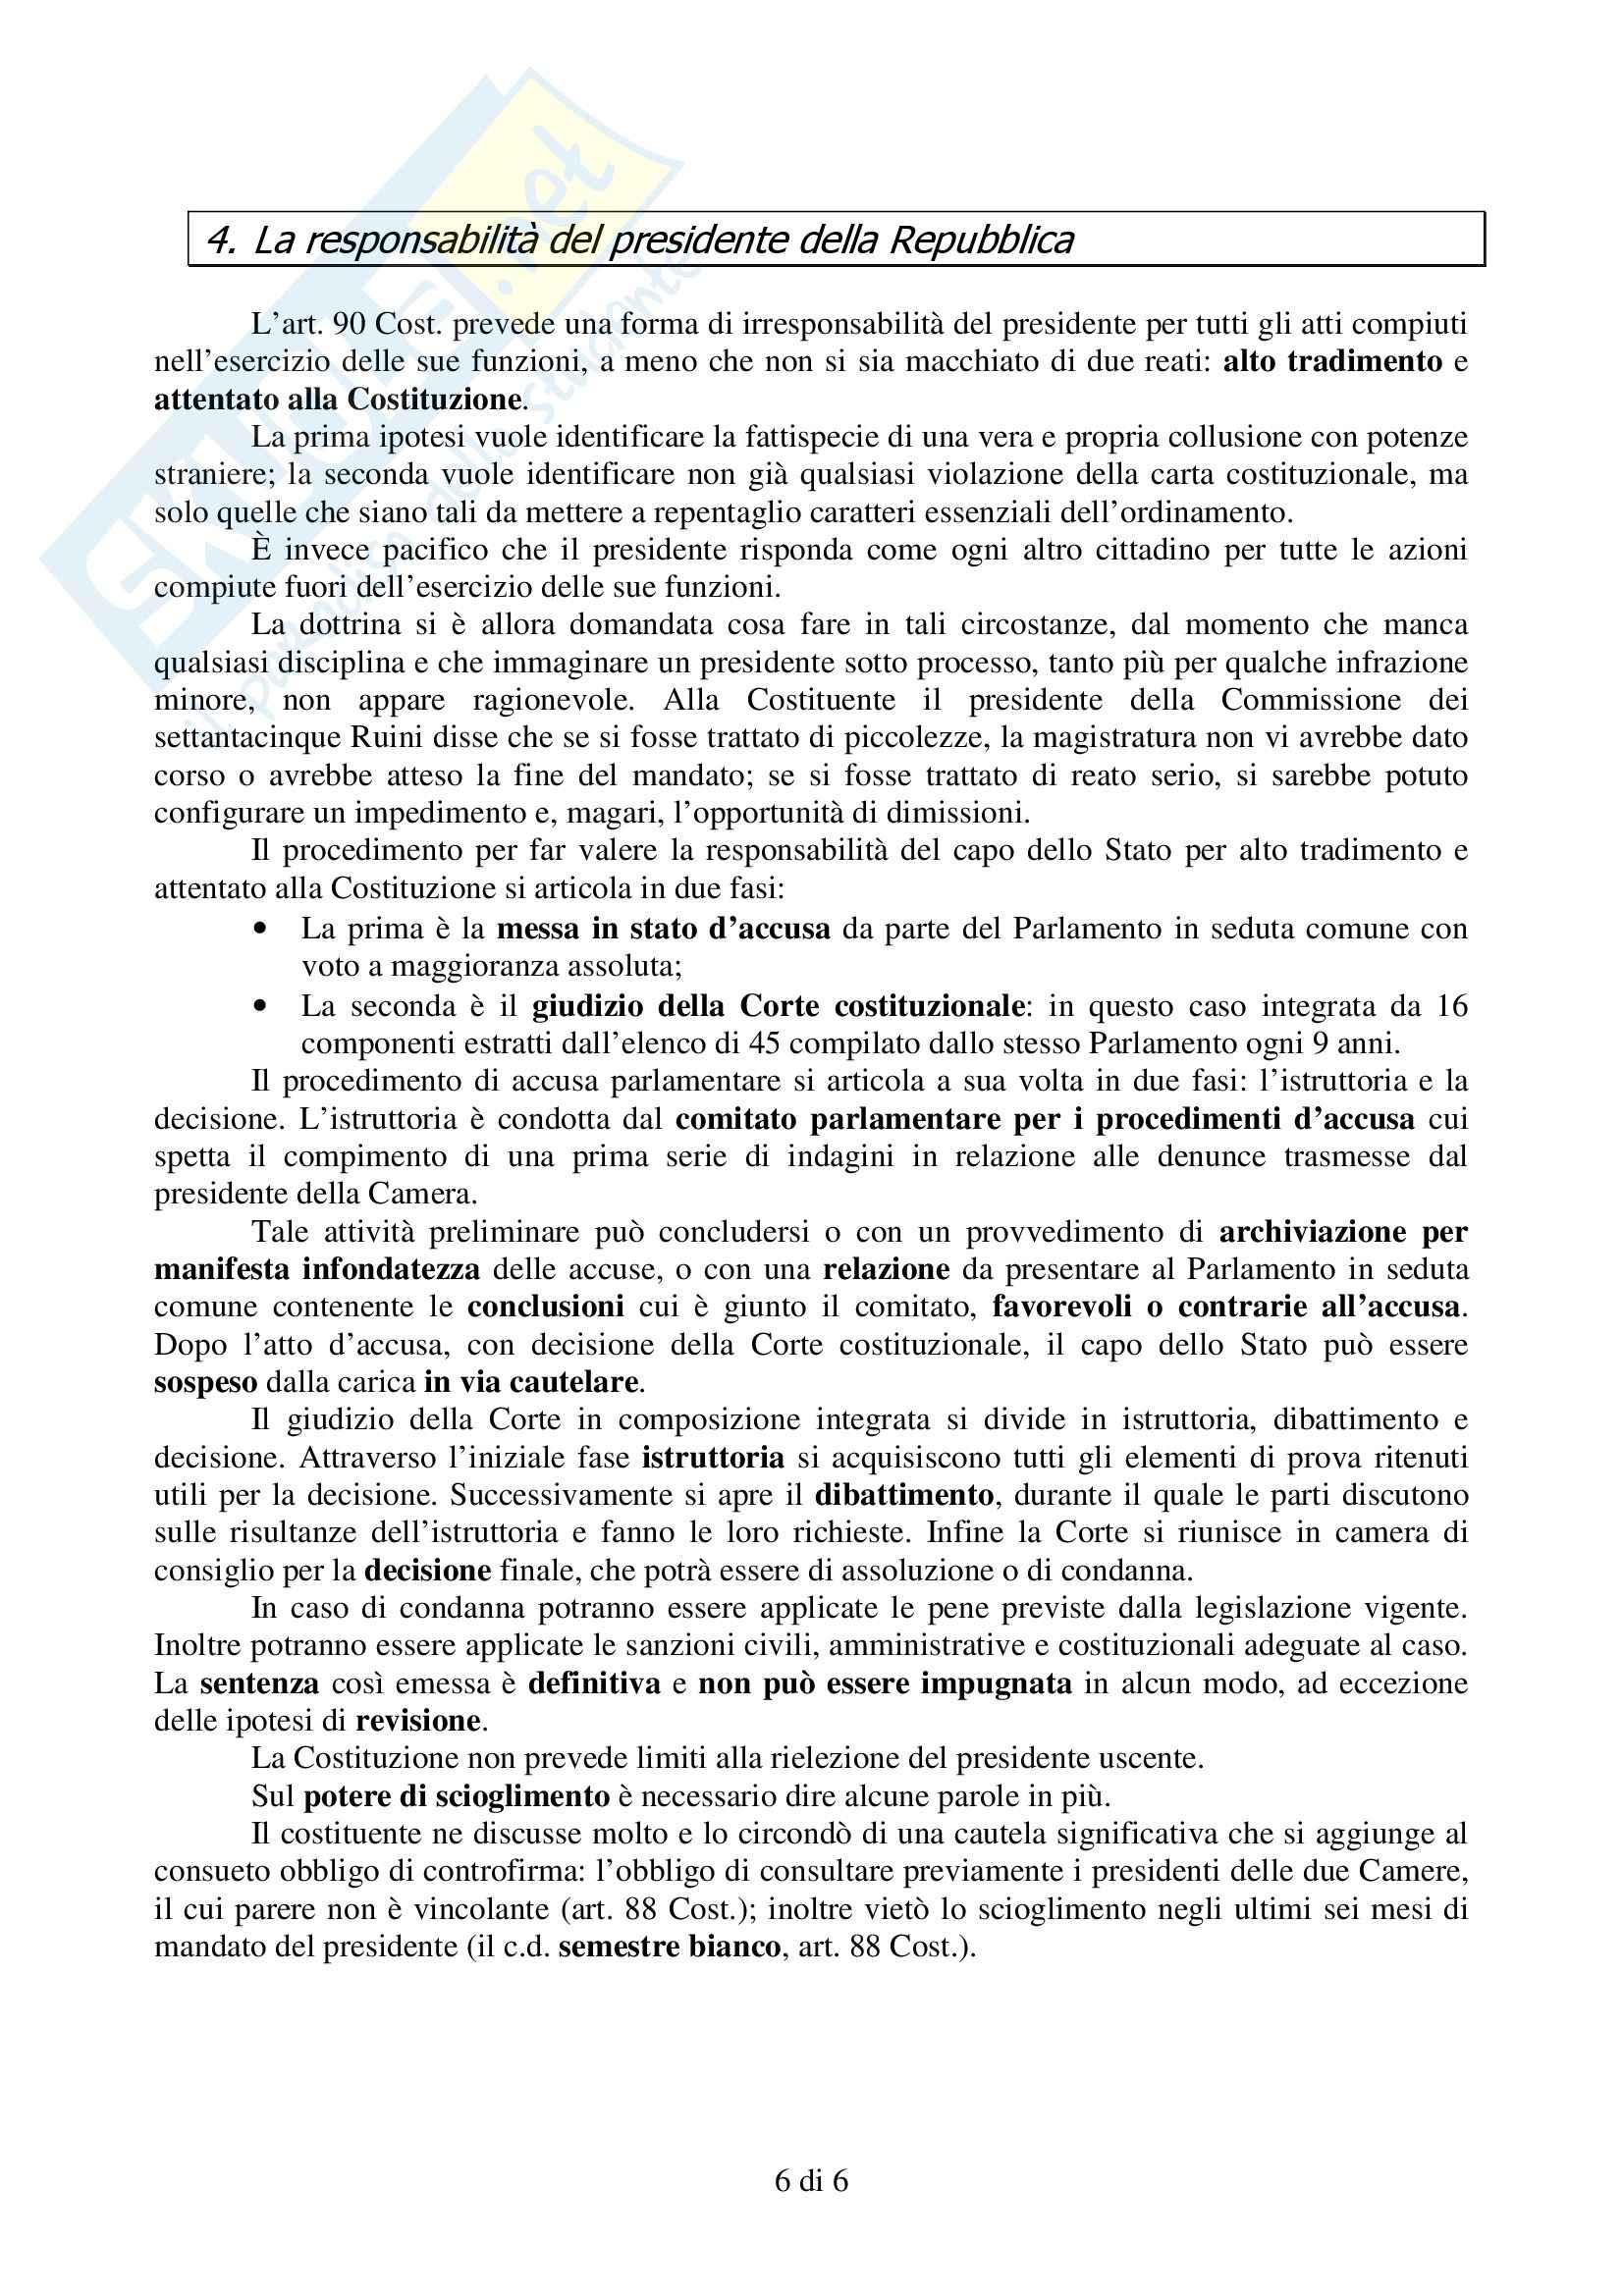 Istituzioni di diritto pubblico - Presidente della Repubblica Pag. 6